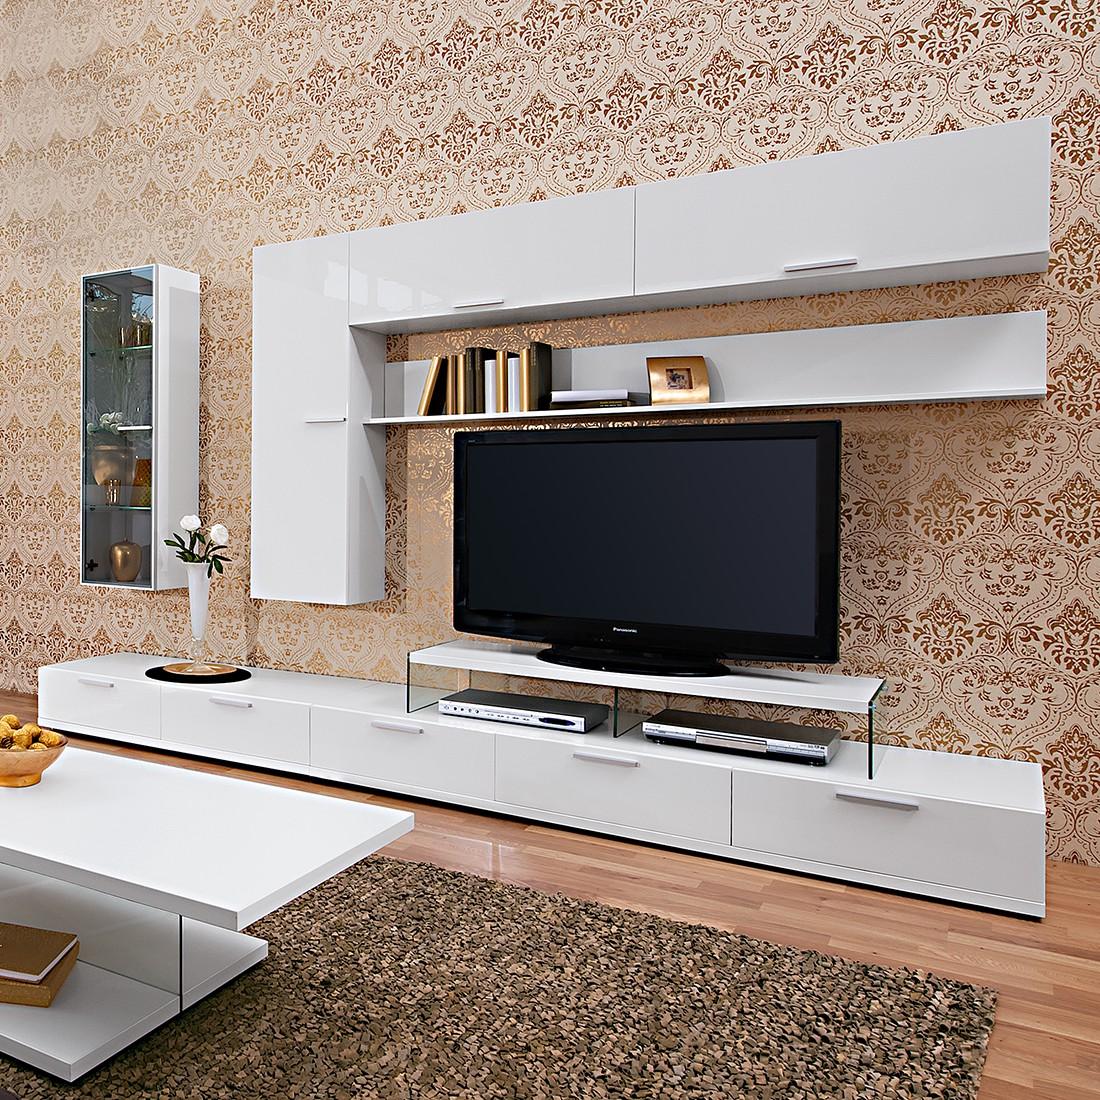 Wohnwand Game I (7-teilig) - Weiß / Hochglanz Weiß - Mit TV-Aufsatz, Arte M